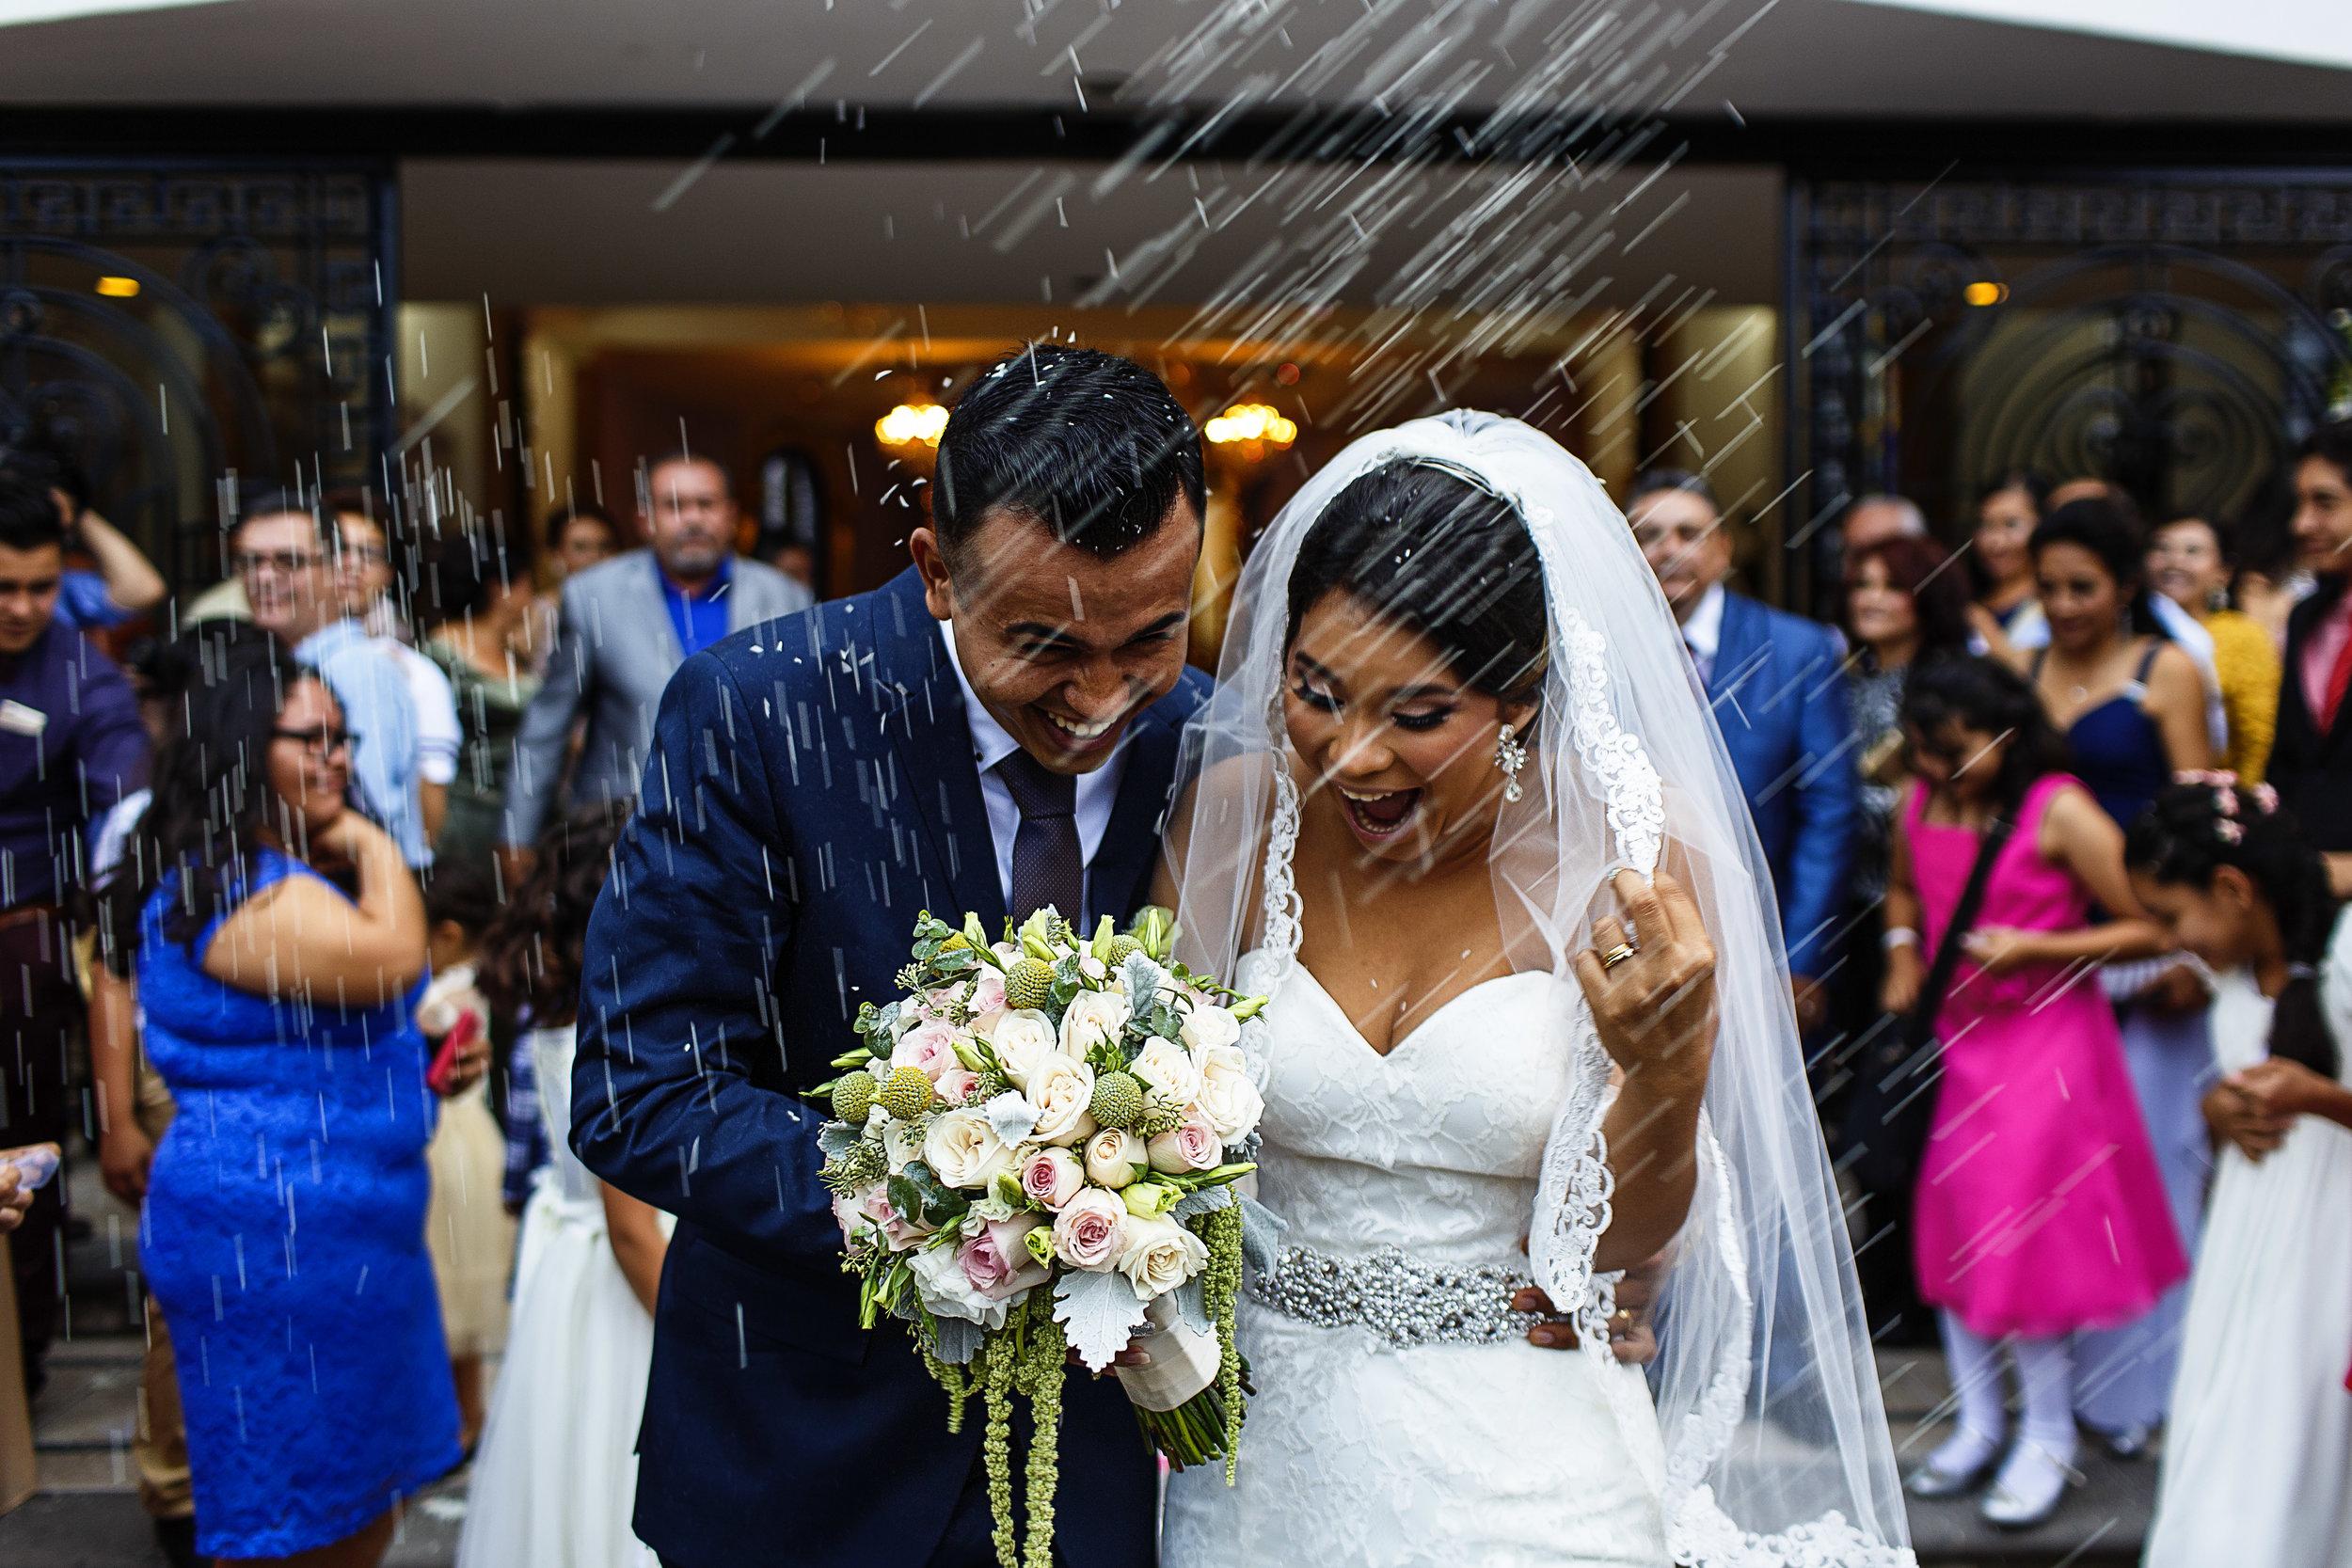 La feliz pareja reacciona a la lluvia de arroz al terminar su ceremonia religiosa de boda